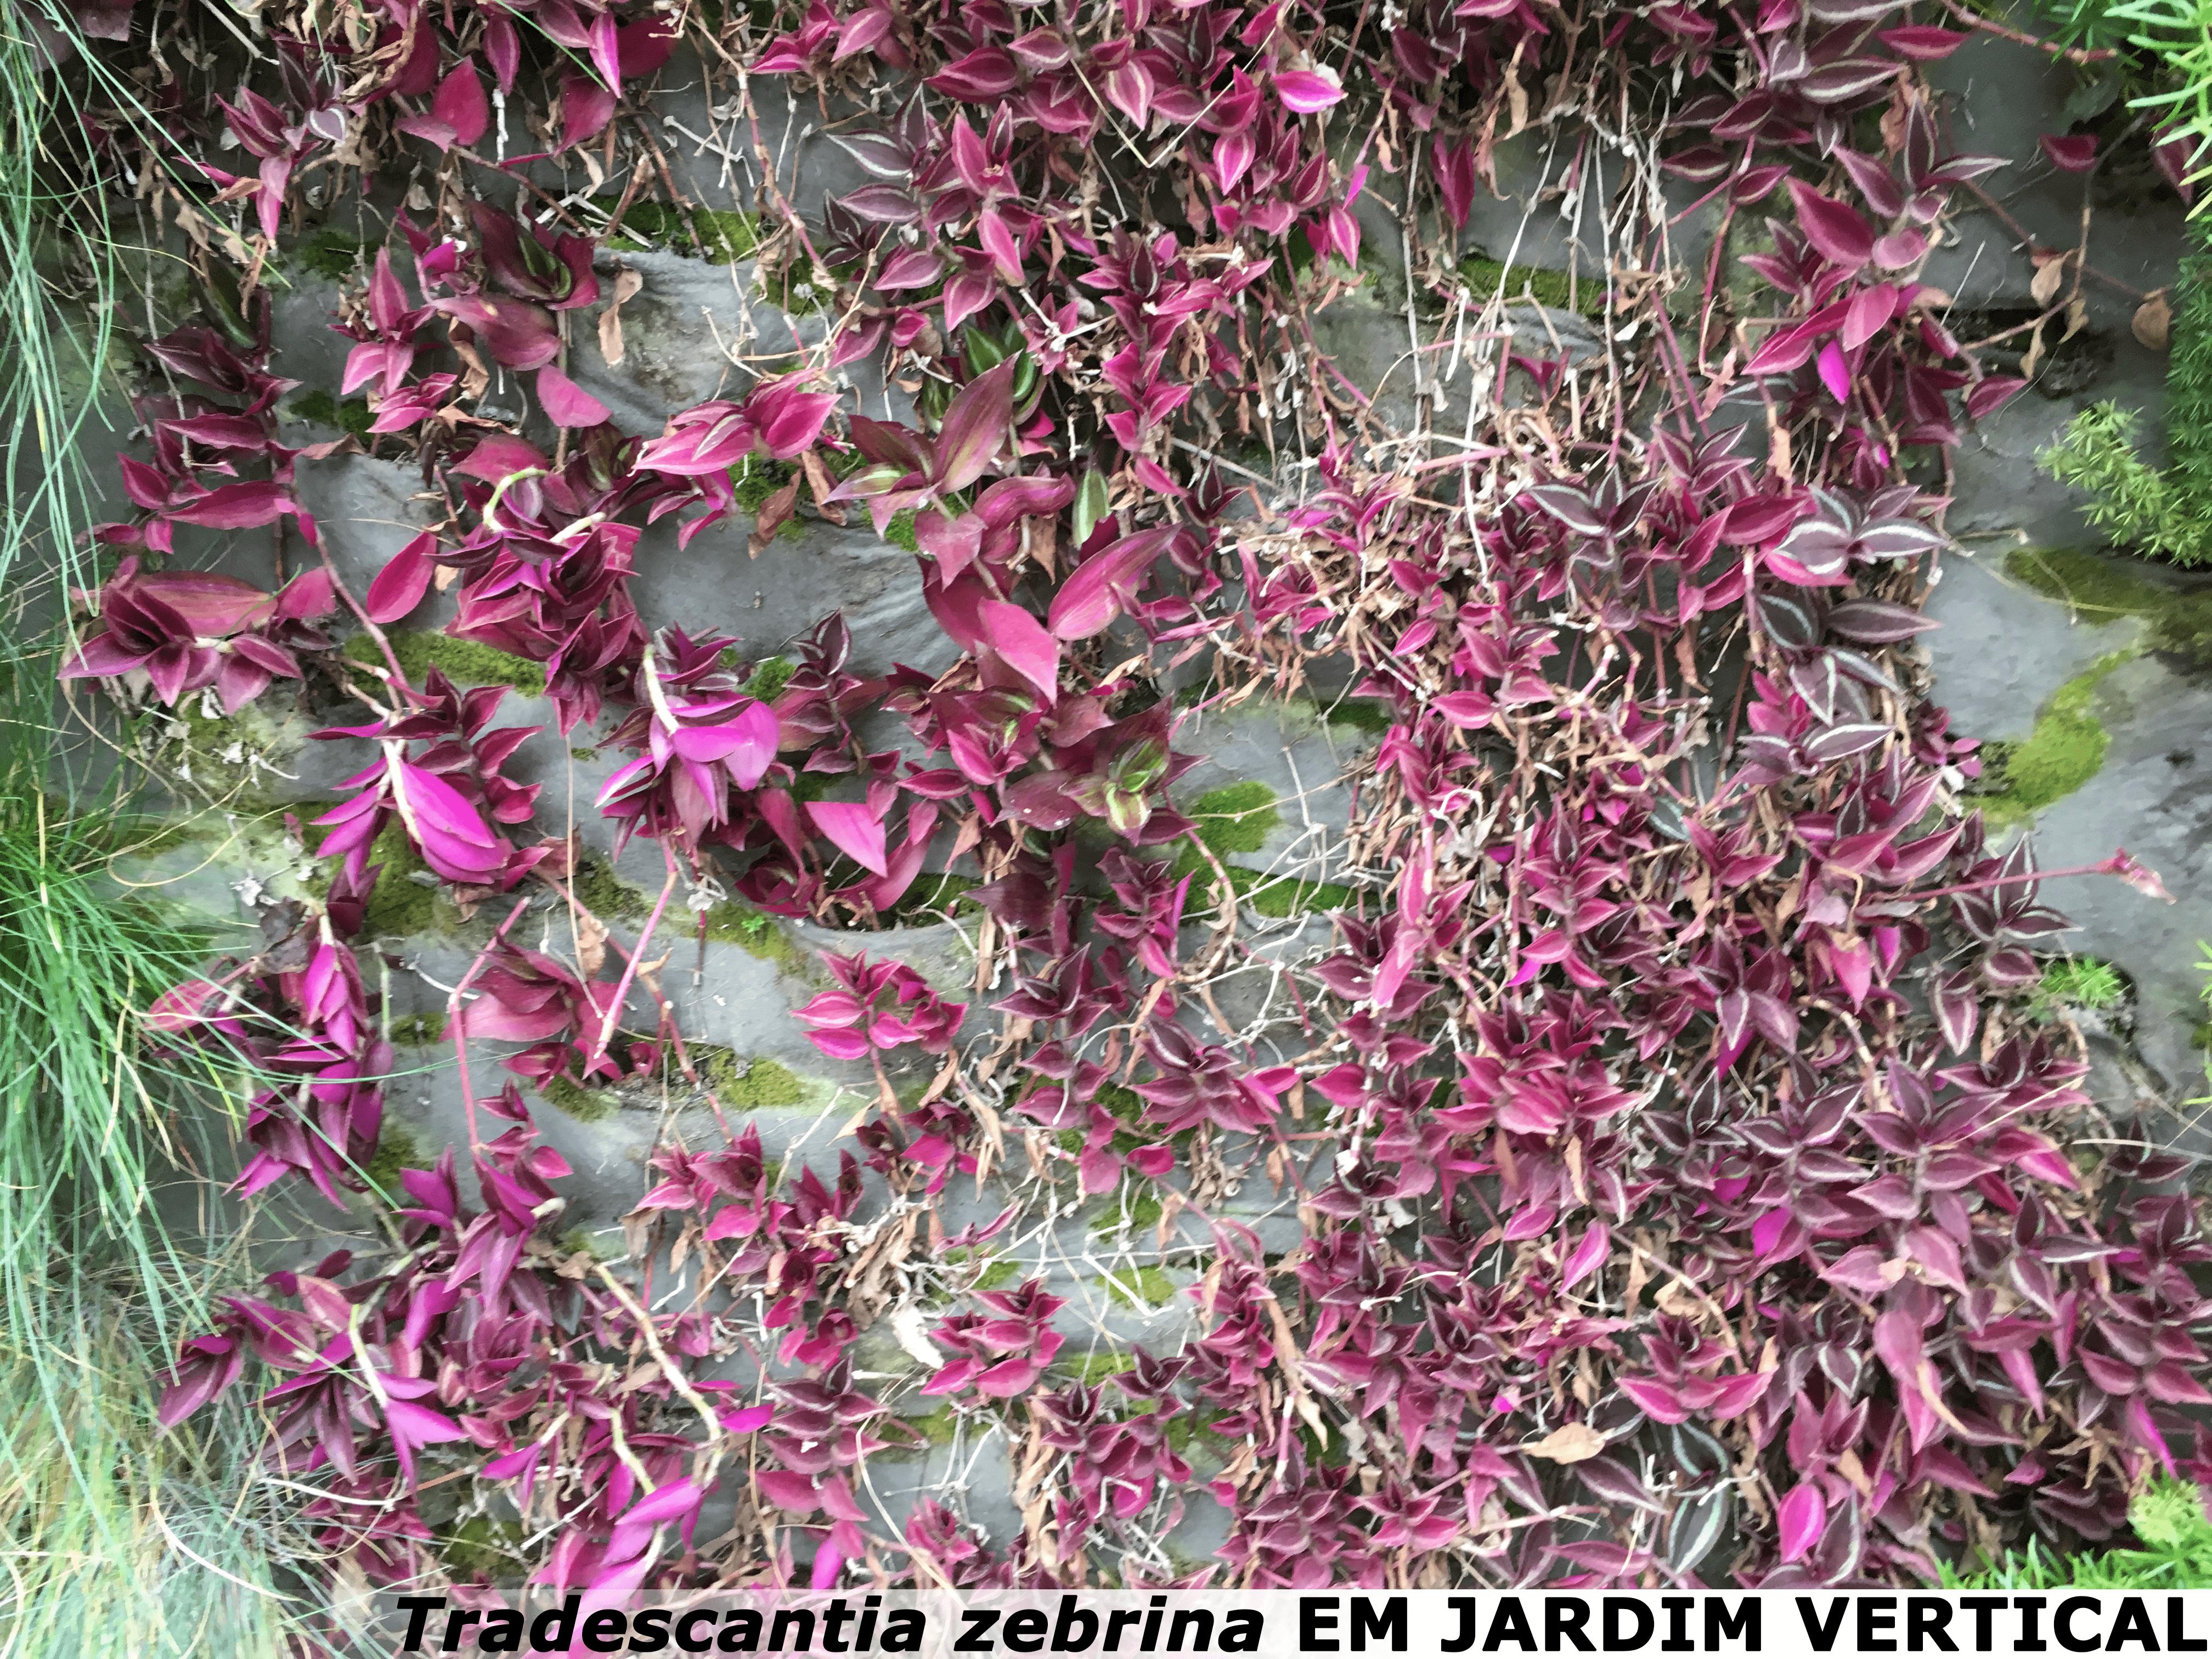 tradescantia zebrina em jardim vertical